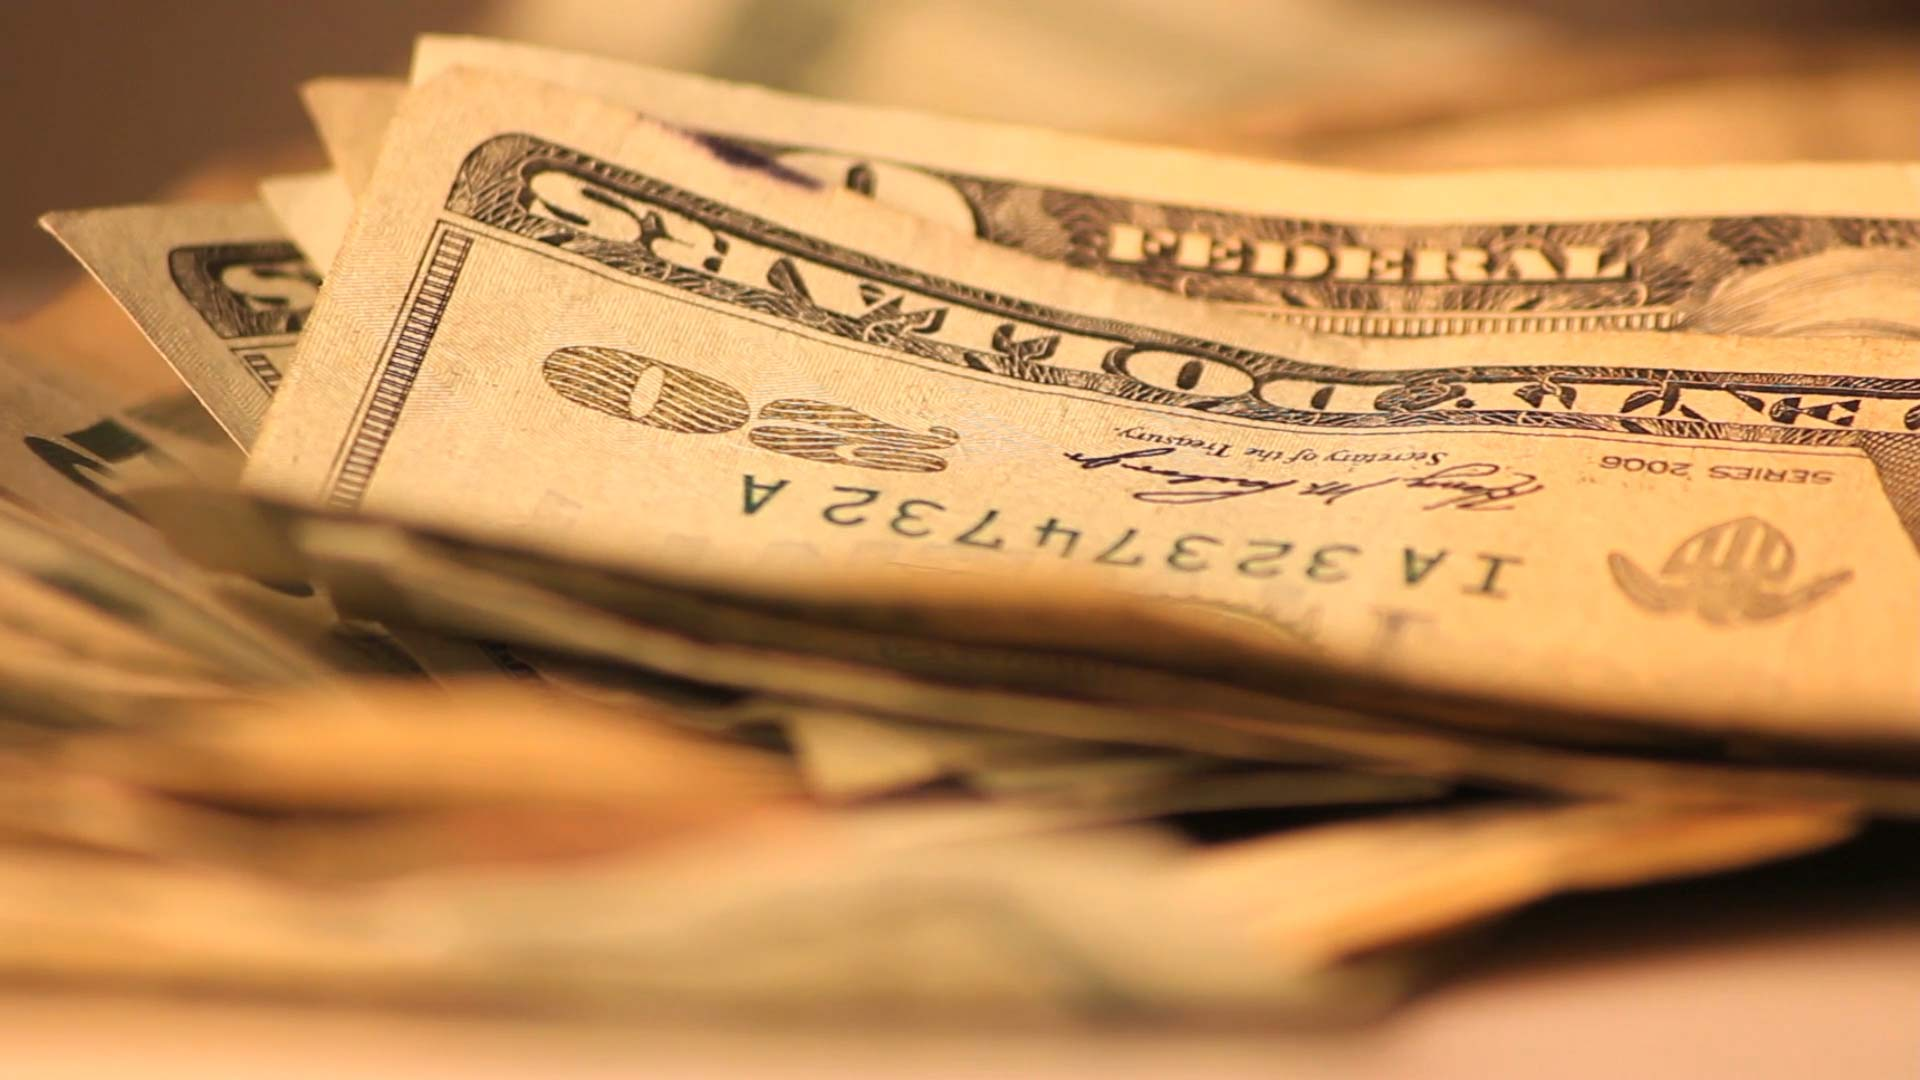 $20 bills, USD.